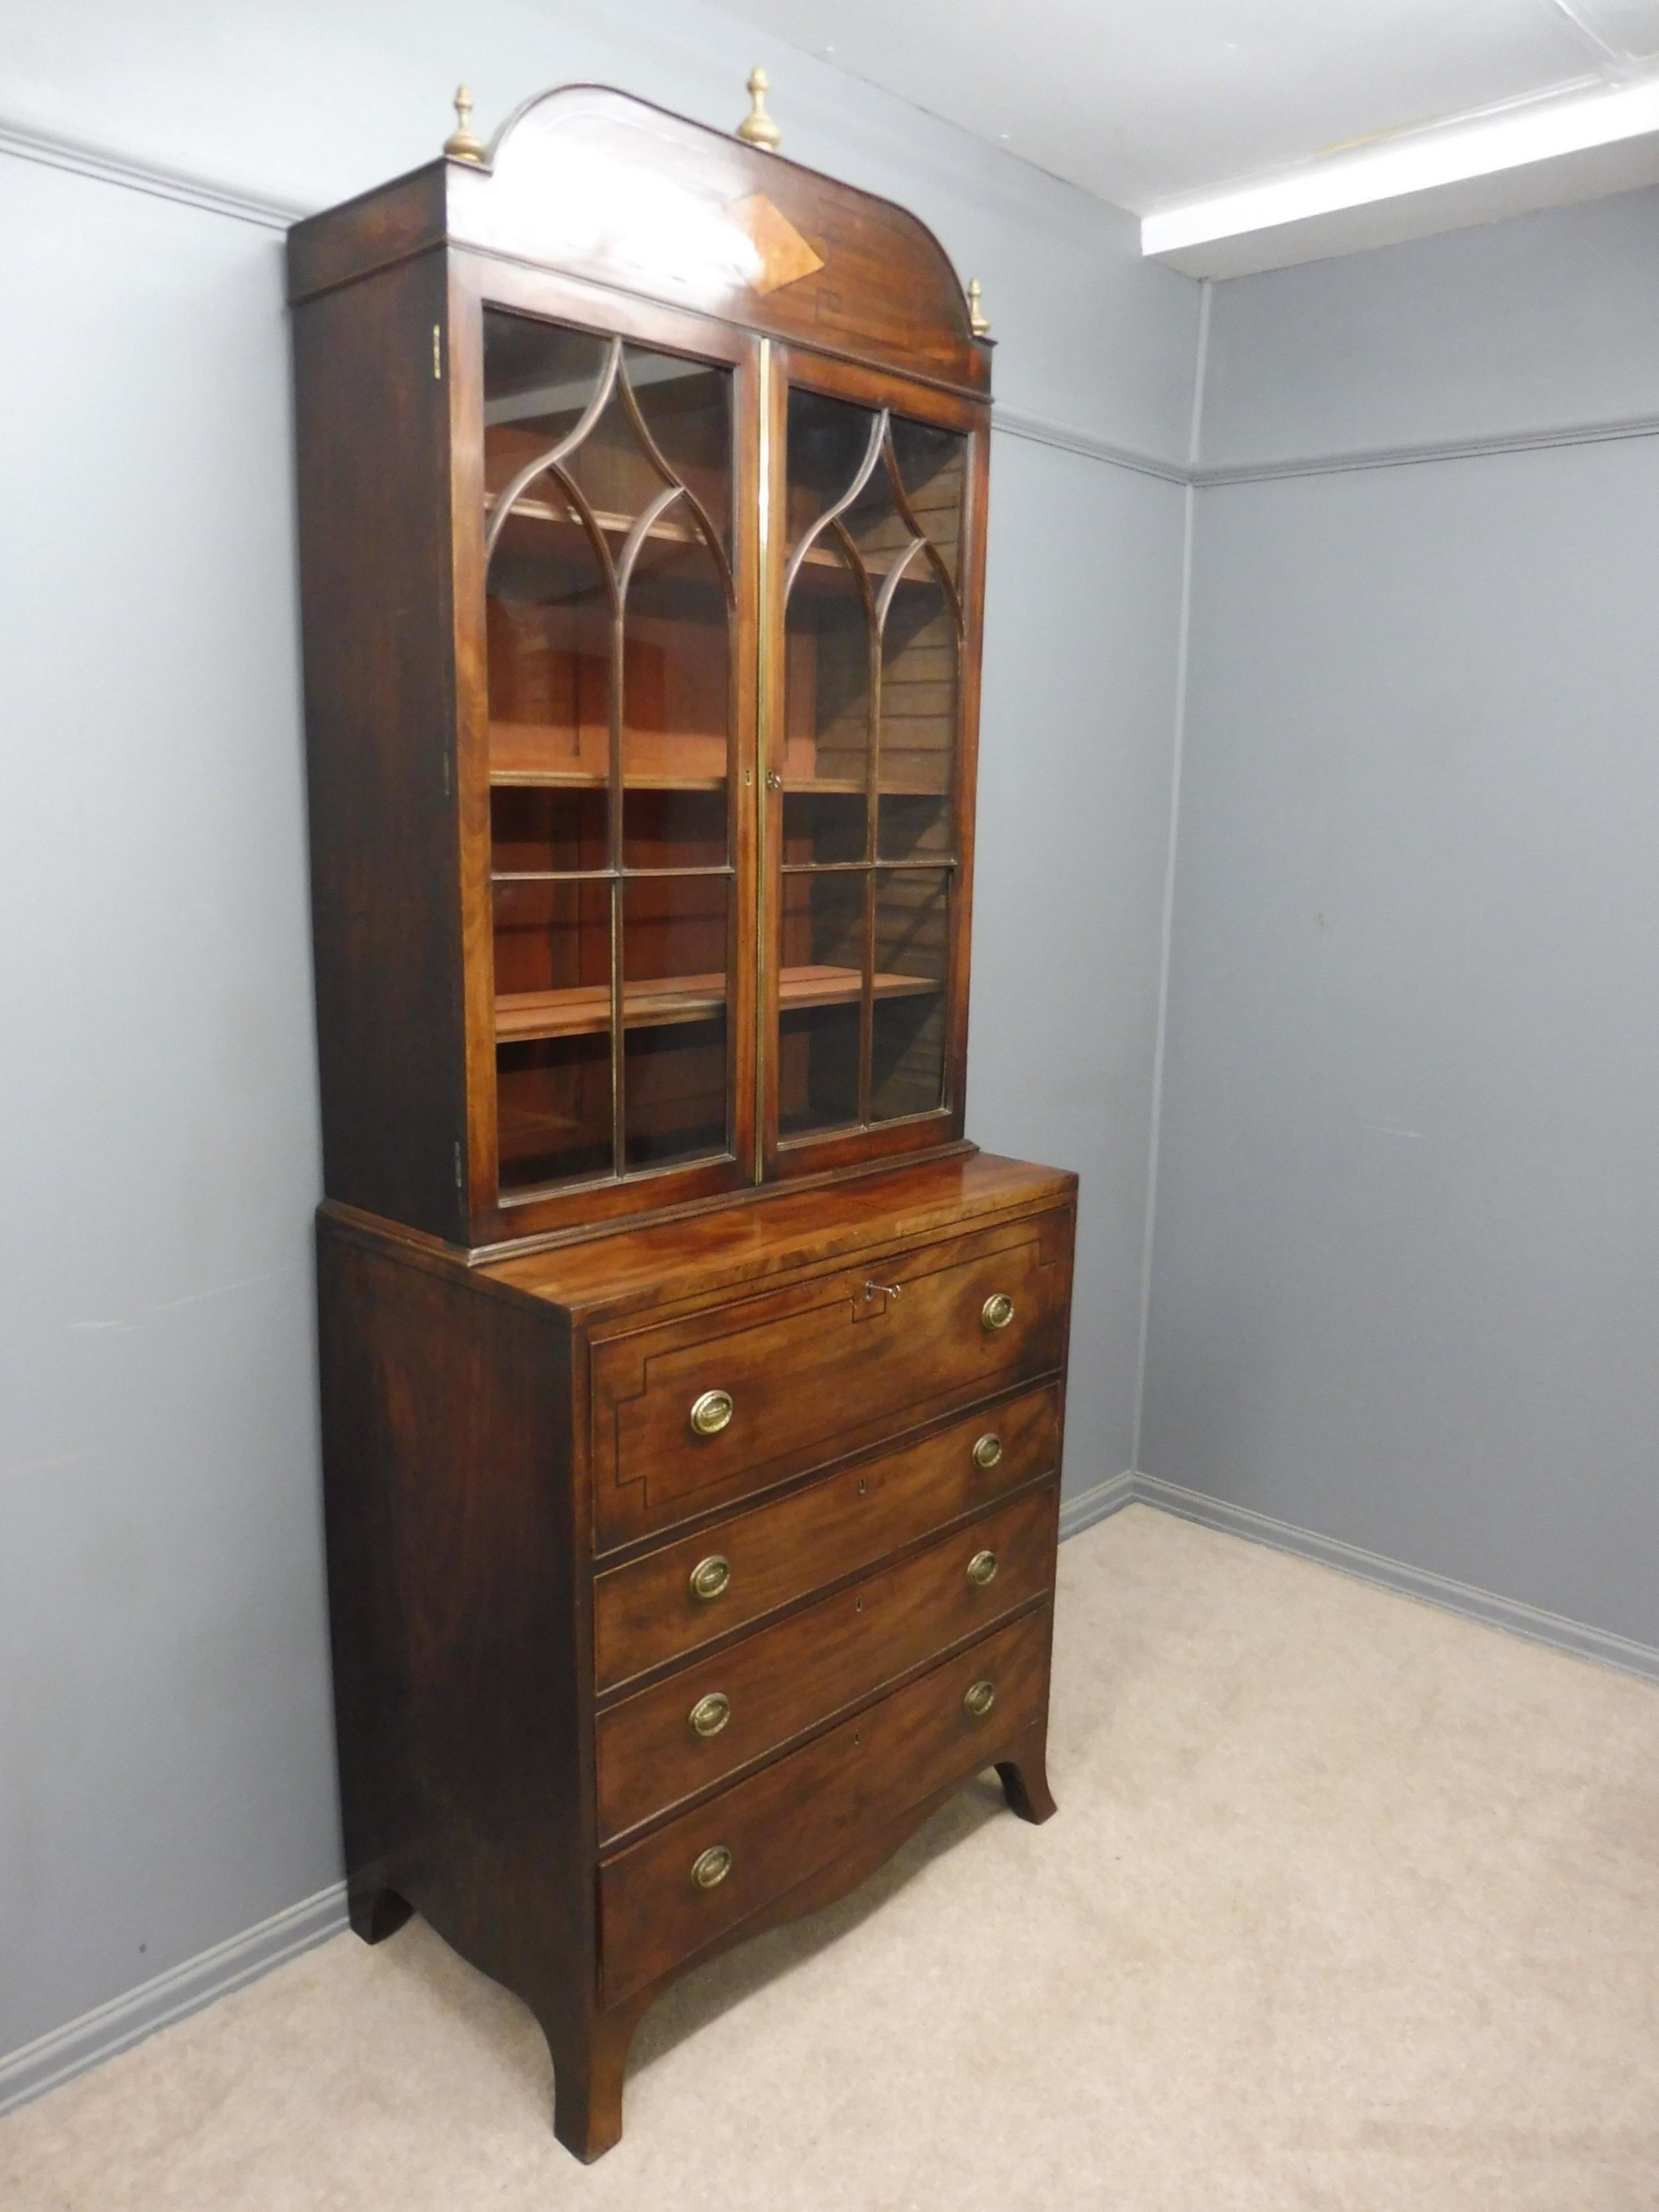 early 19th century mahogany secretaire bookcase circa 1820